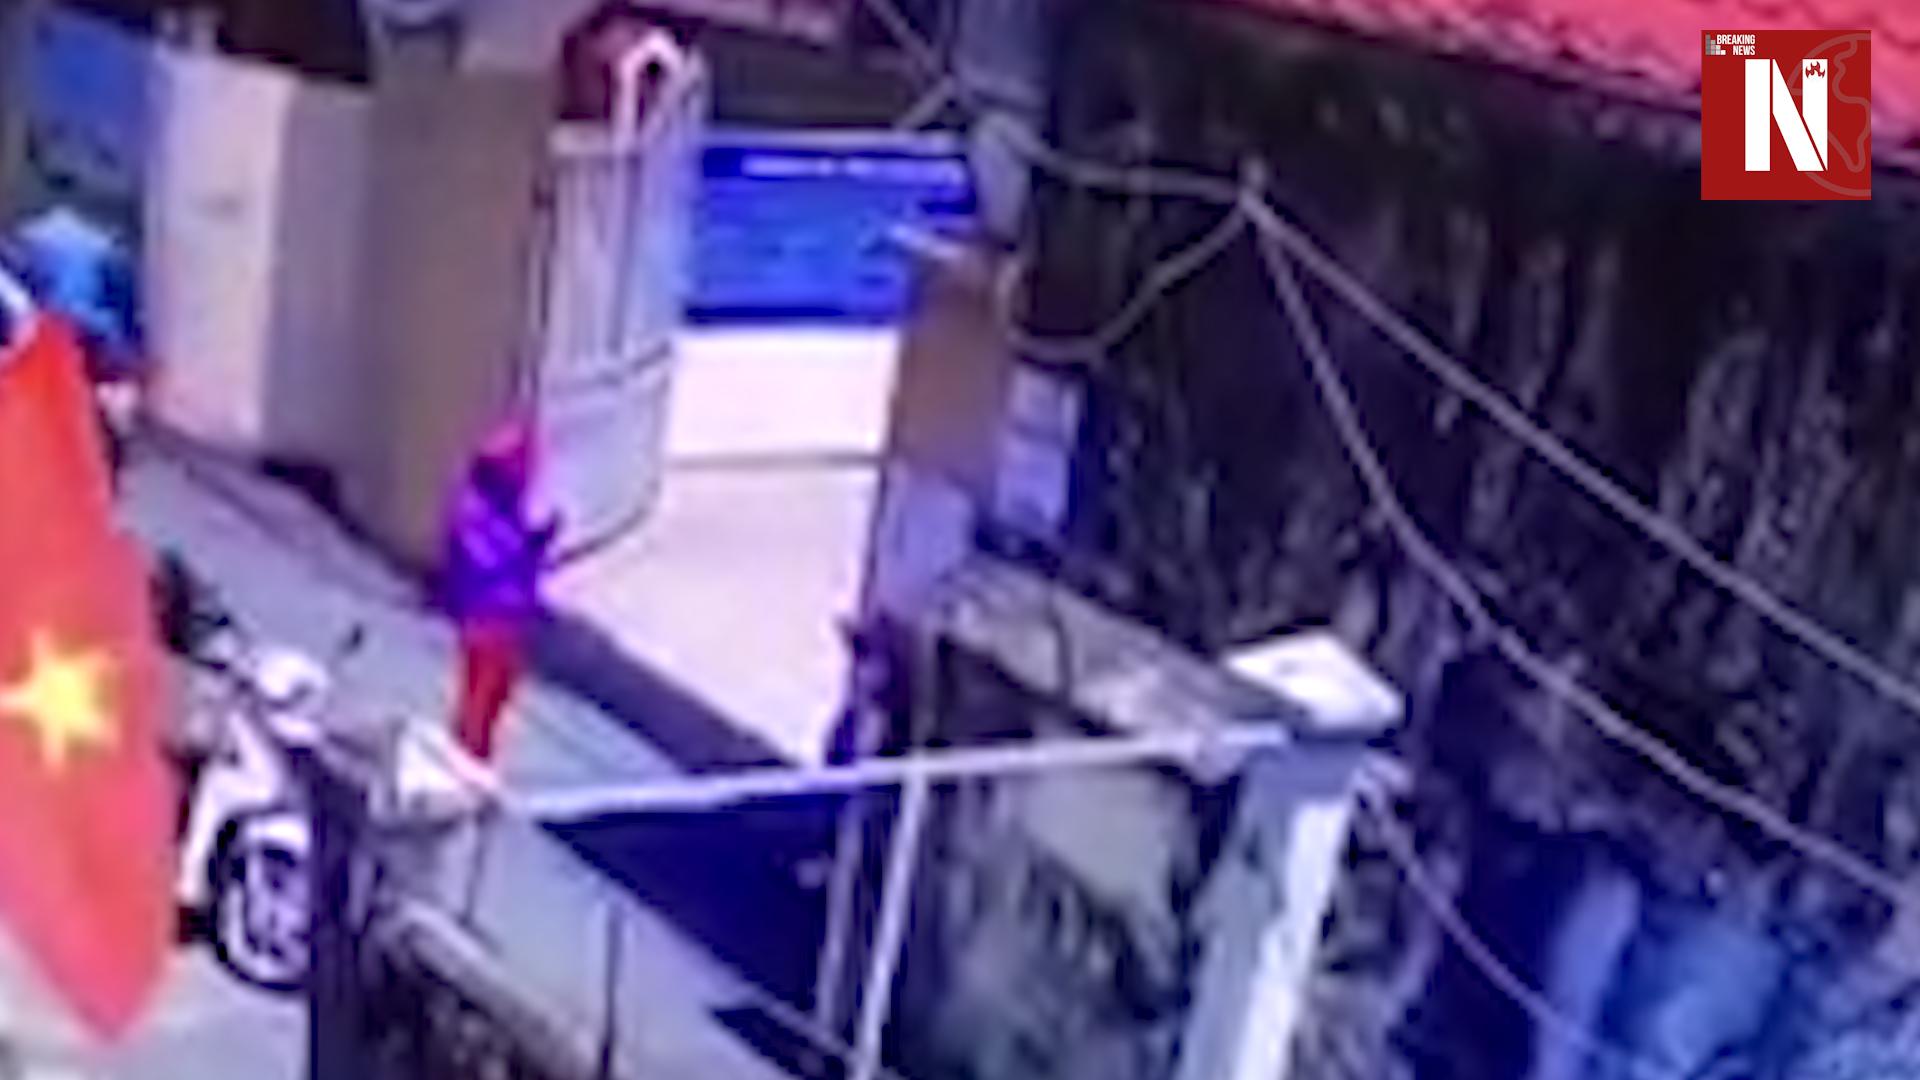 Lộ clip mẹ chụp ảnh bé trước cổng trường rồi đưa về: Người trong cuộc nói gì? | NÓNG